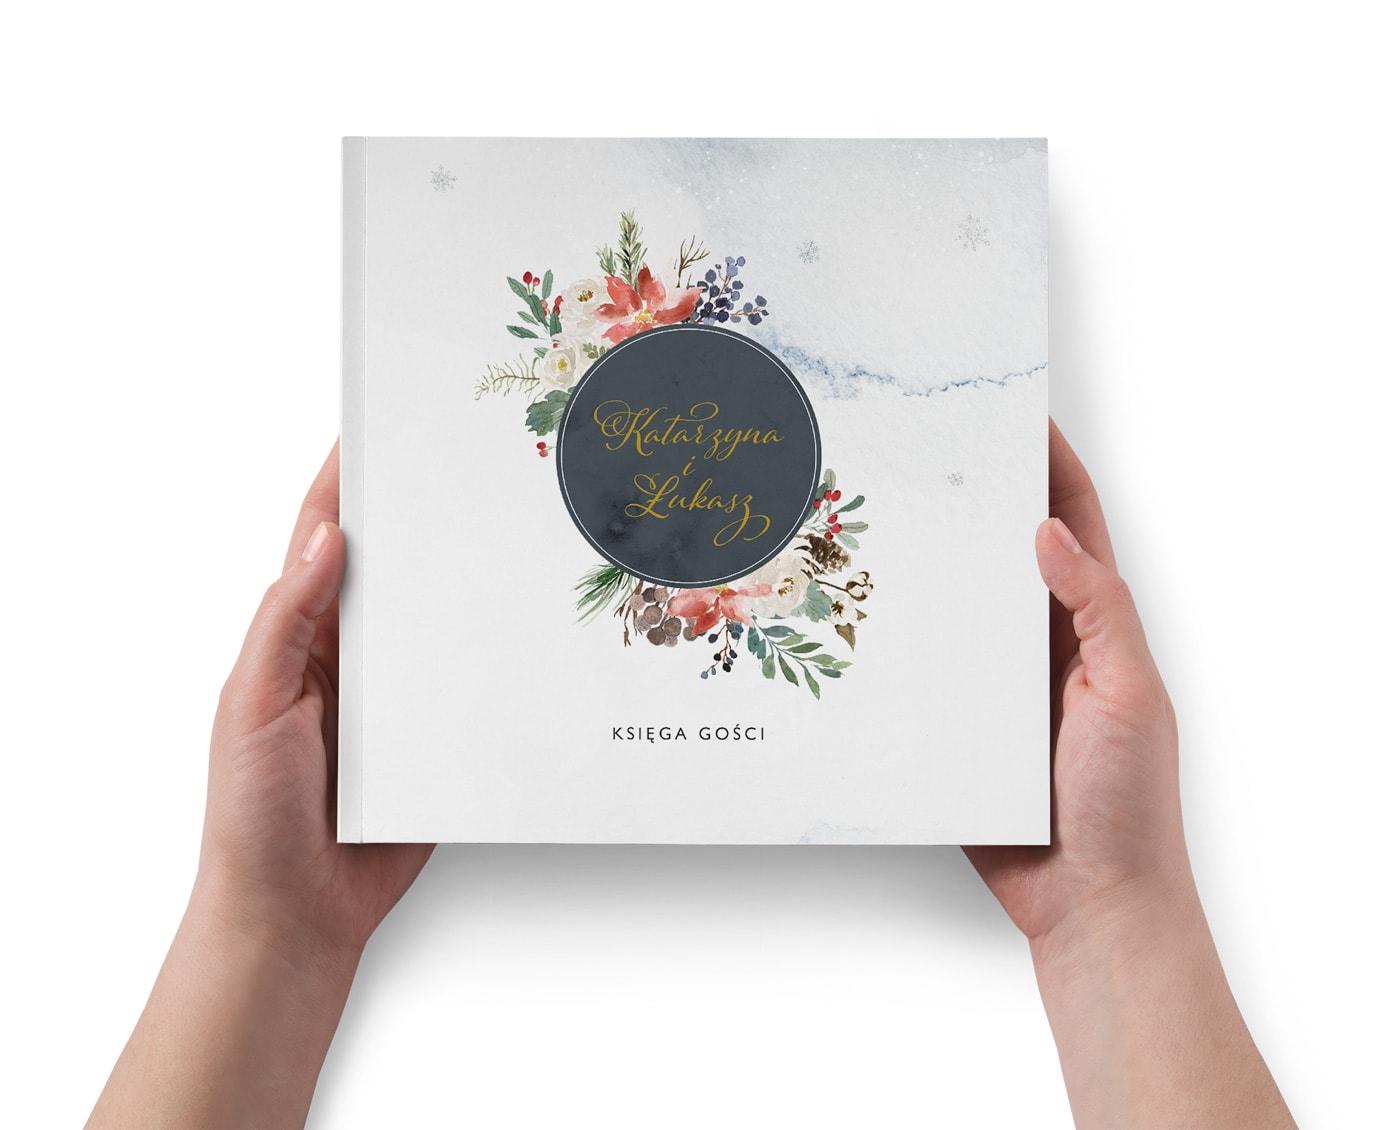 Księga gości, tradycyjny album na ślub zimą